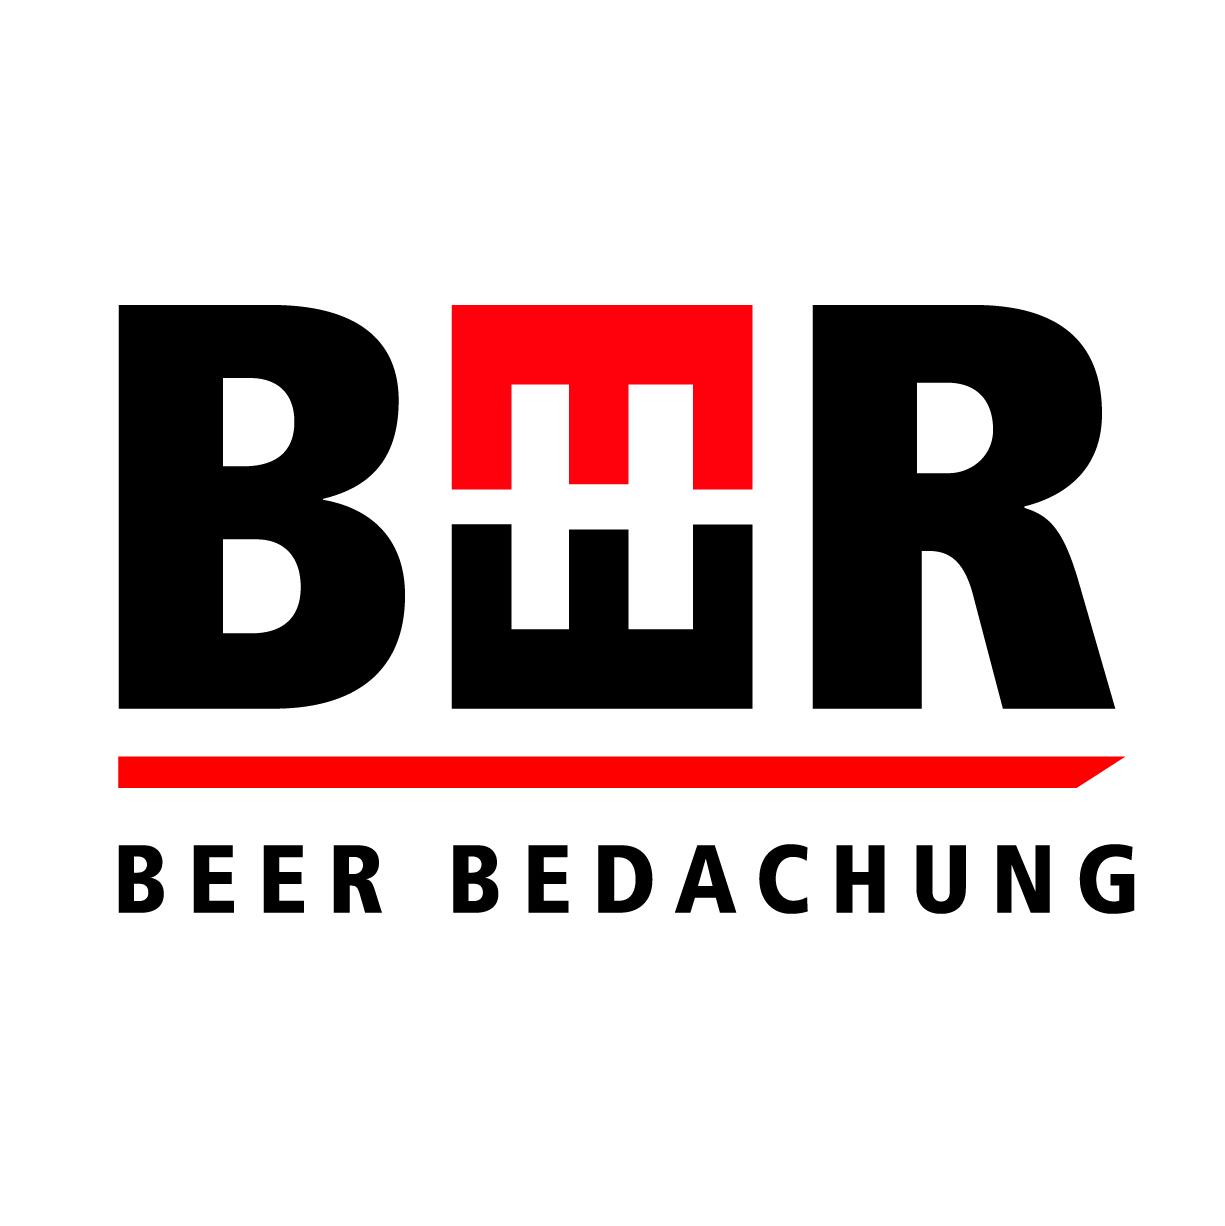 beer_bedachung